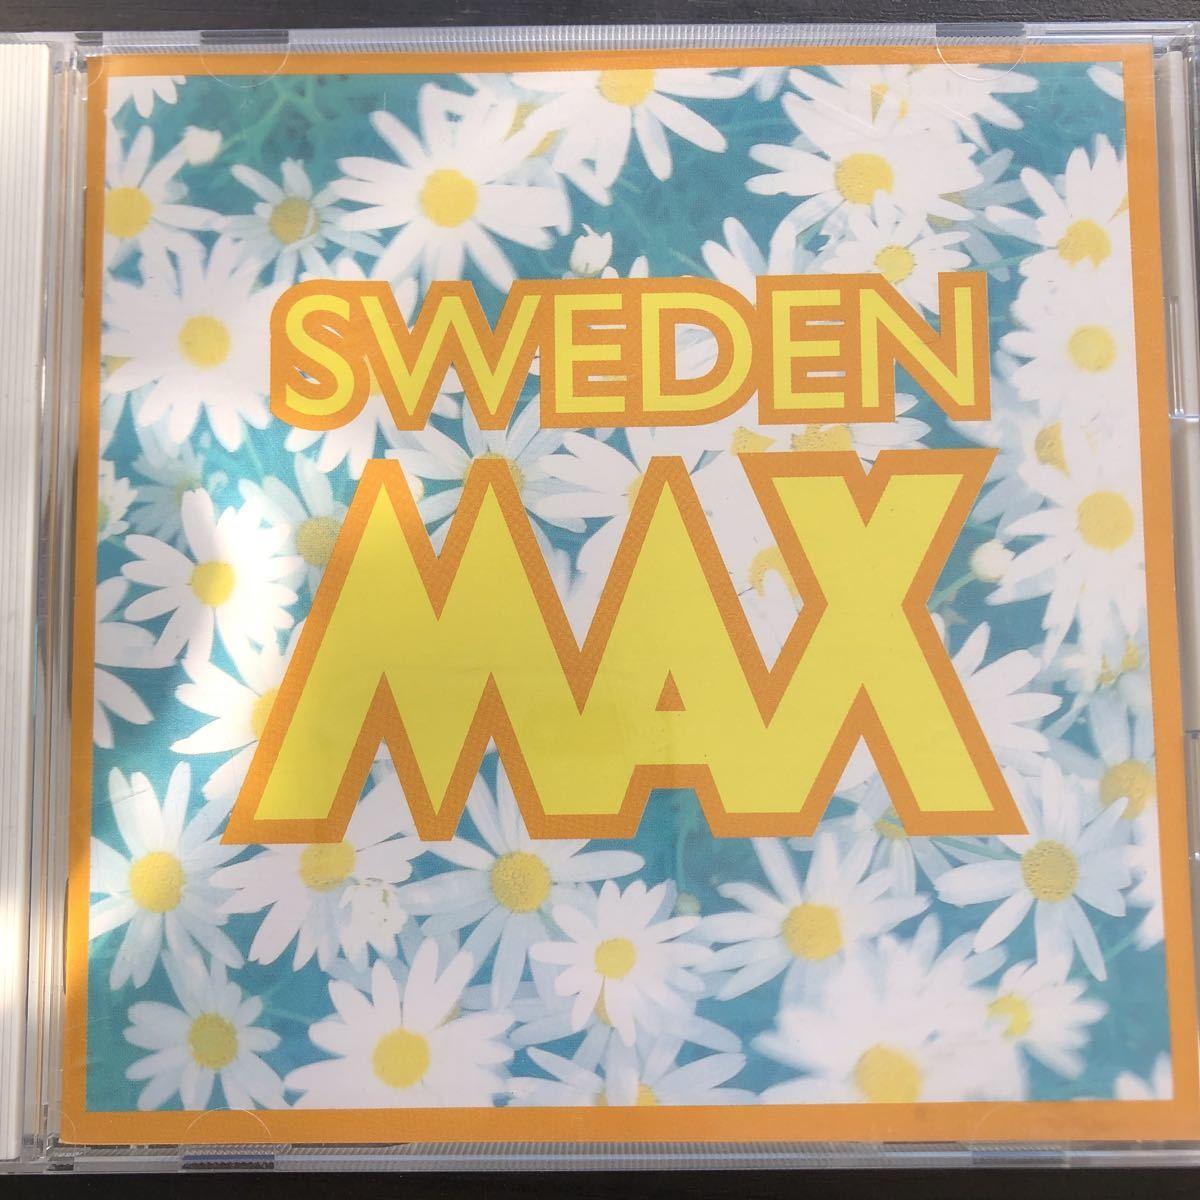 CD/スウェーデンMAX/メイヤ、ソフィー・セルマーニ、トランポリンズなど/スウェーデン・ポップス/オムニバス_画像1